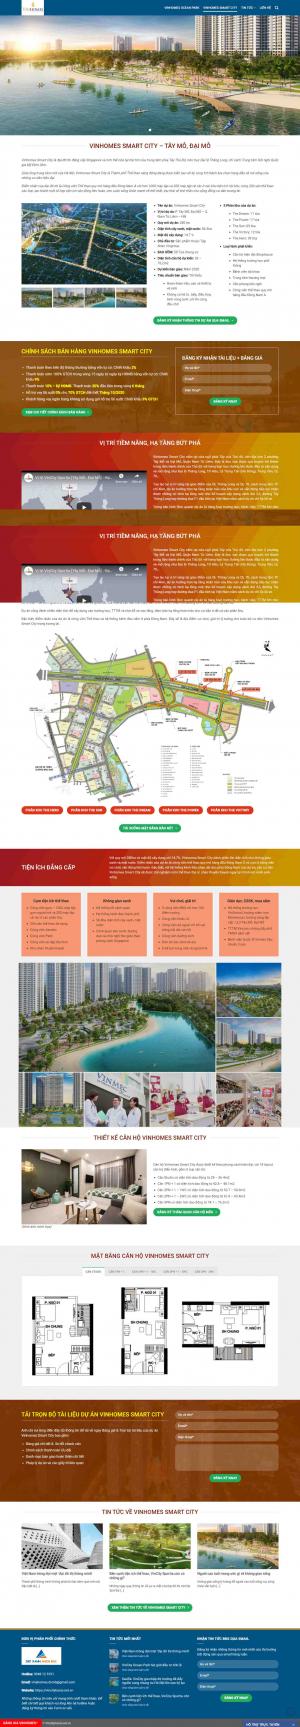 Mẫu giao diện thiết kế web mua bán nhà đất